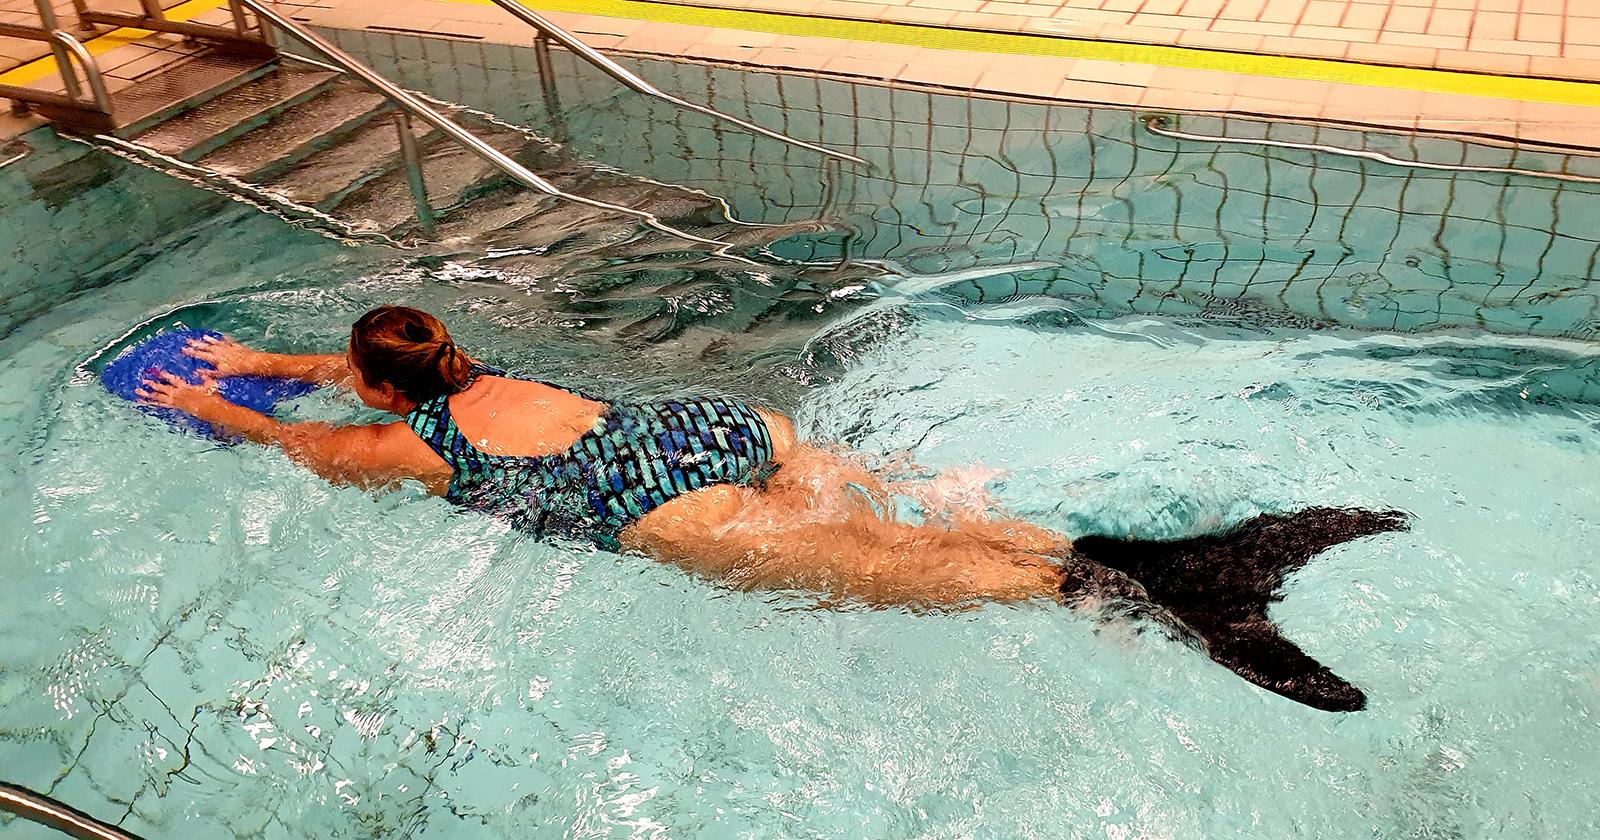 Zuzana Babicek, die an Fibromyalgie leidet, fühlt sich beim Meerjungfrauen-Schwimmen wohl.